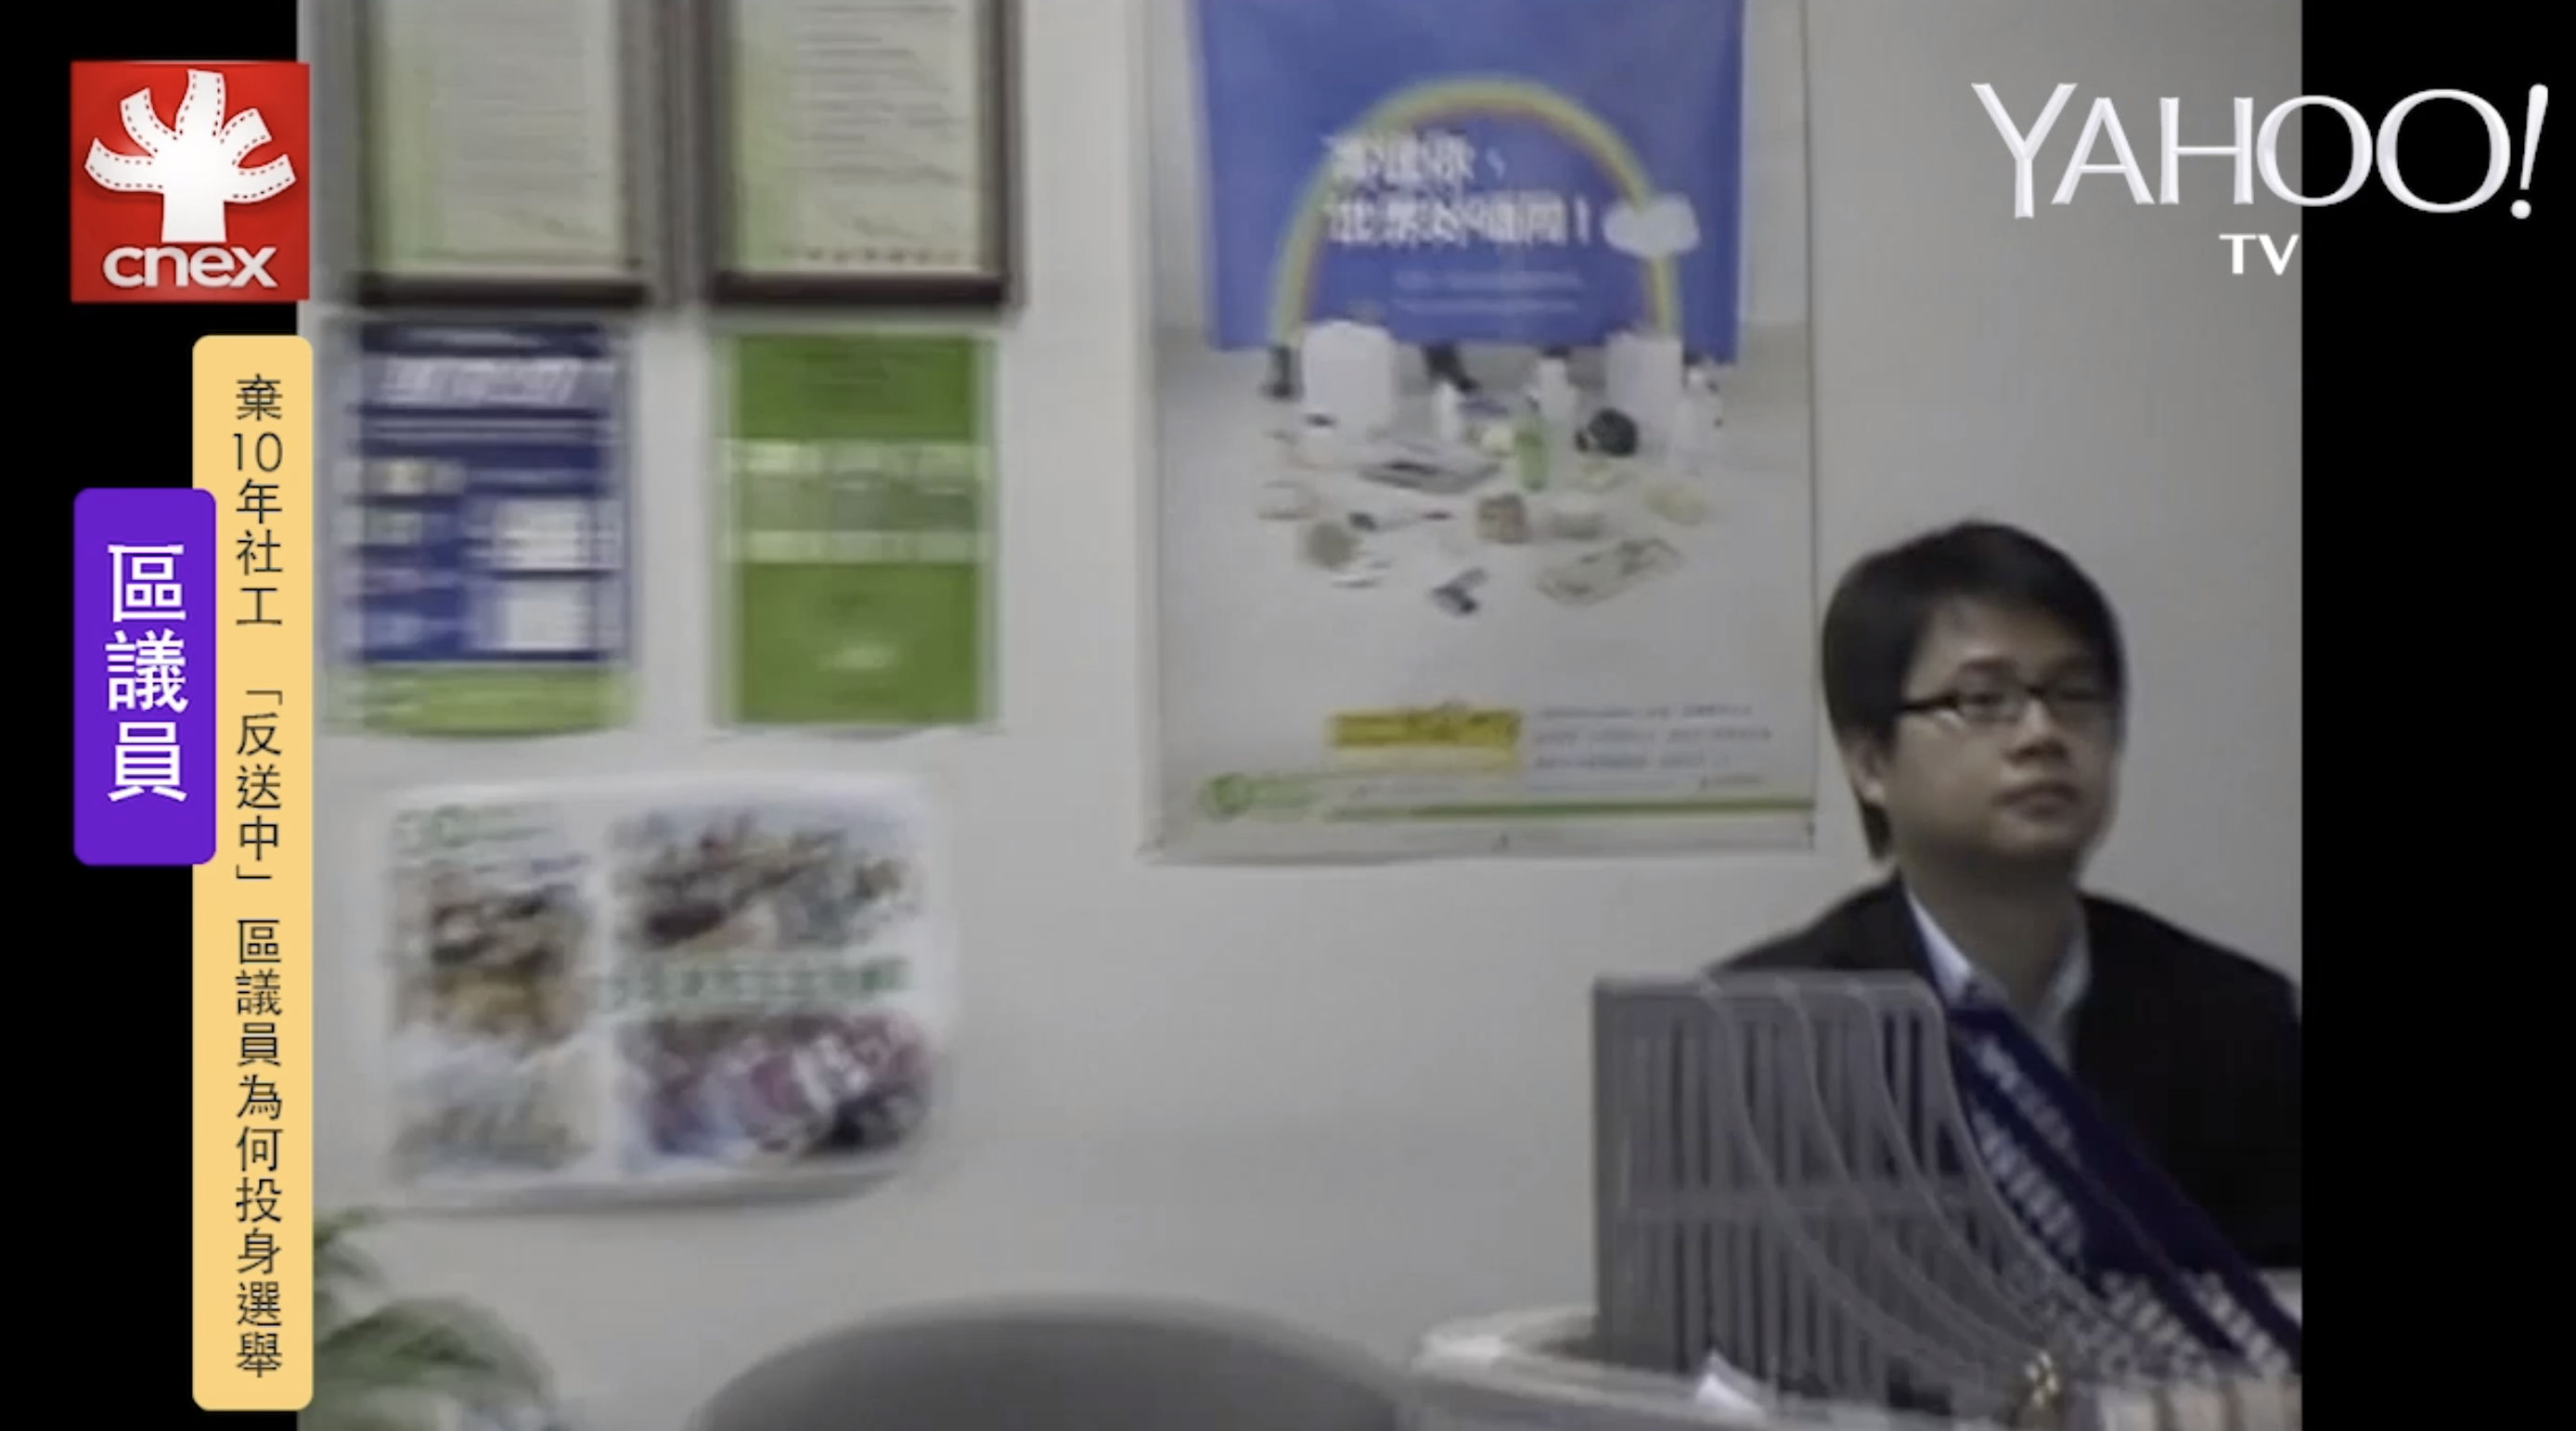 挑戰香港立法會選舉失敗後失業 他面試找新工作